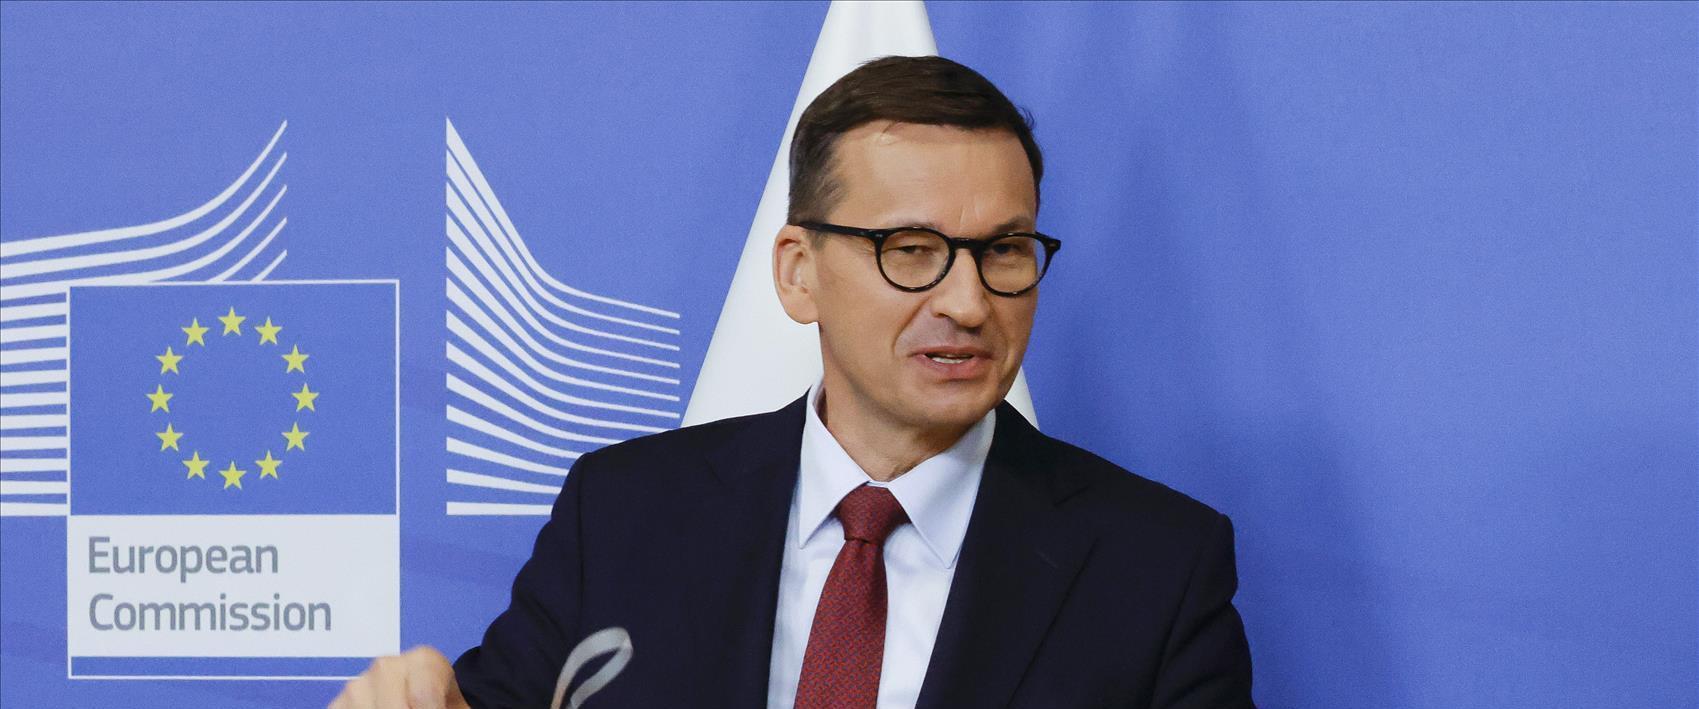 ראש ממשלת פולין מטאוש מורבייצקי